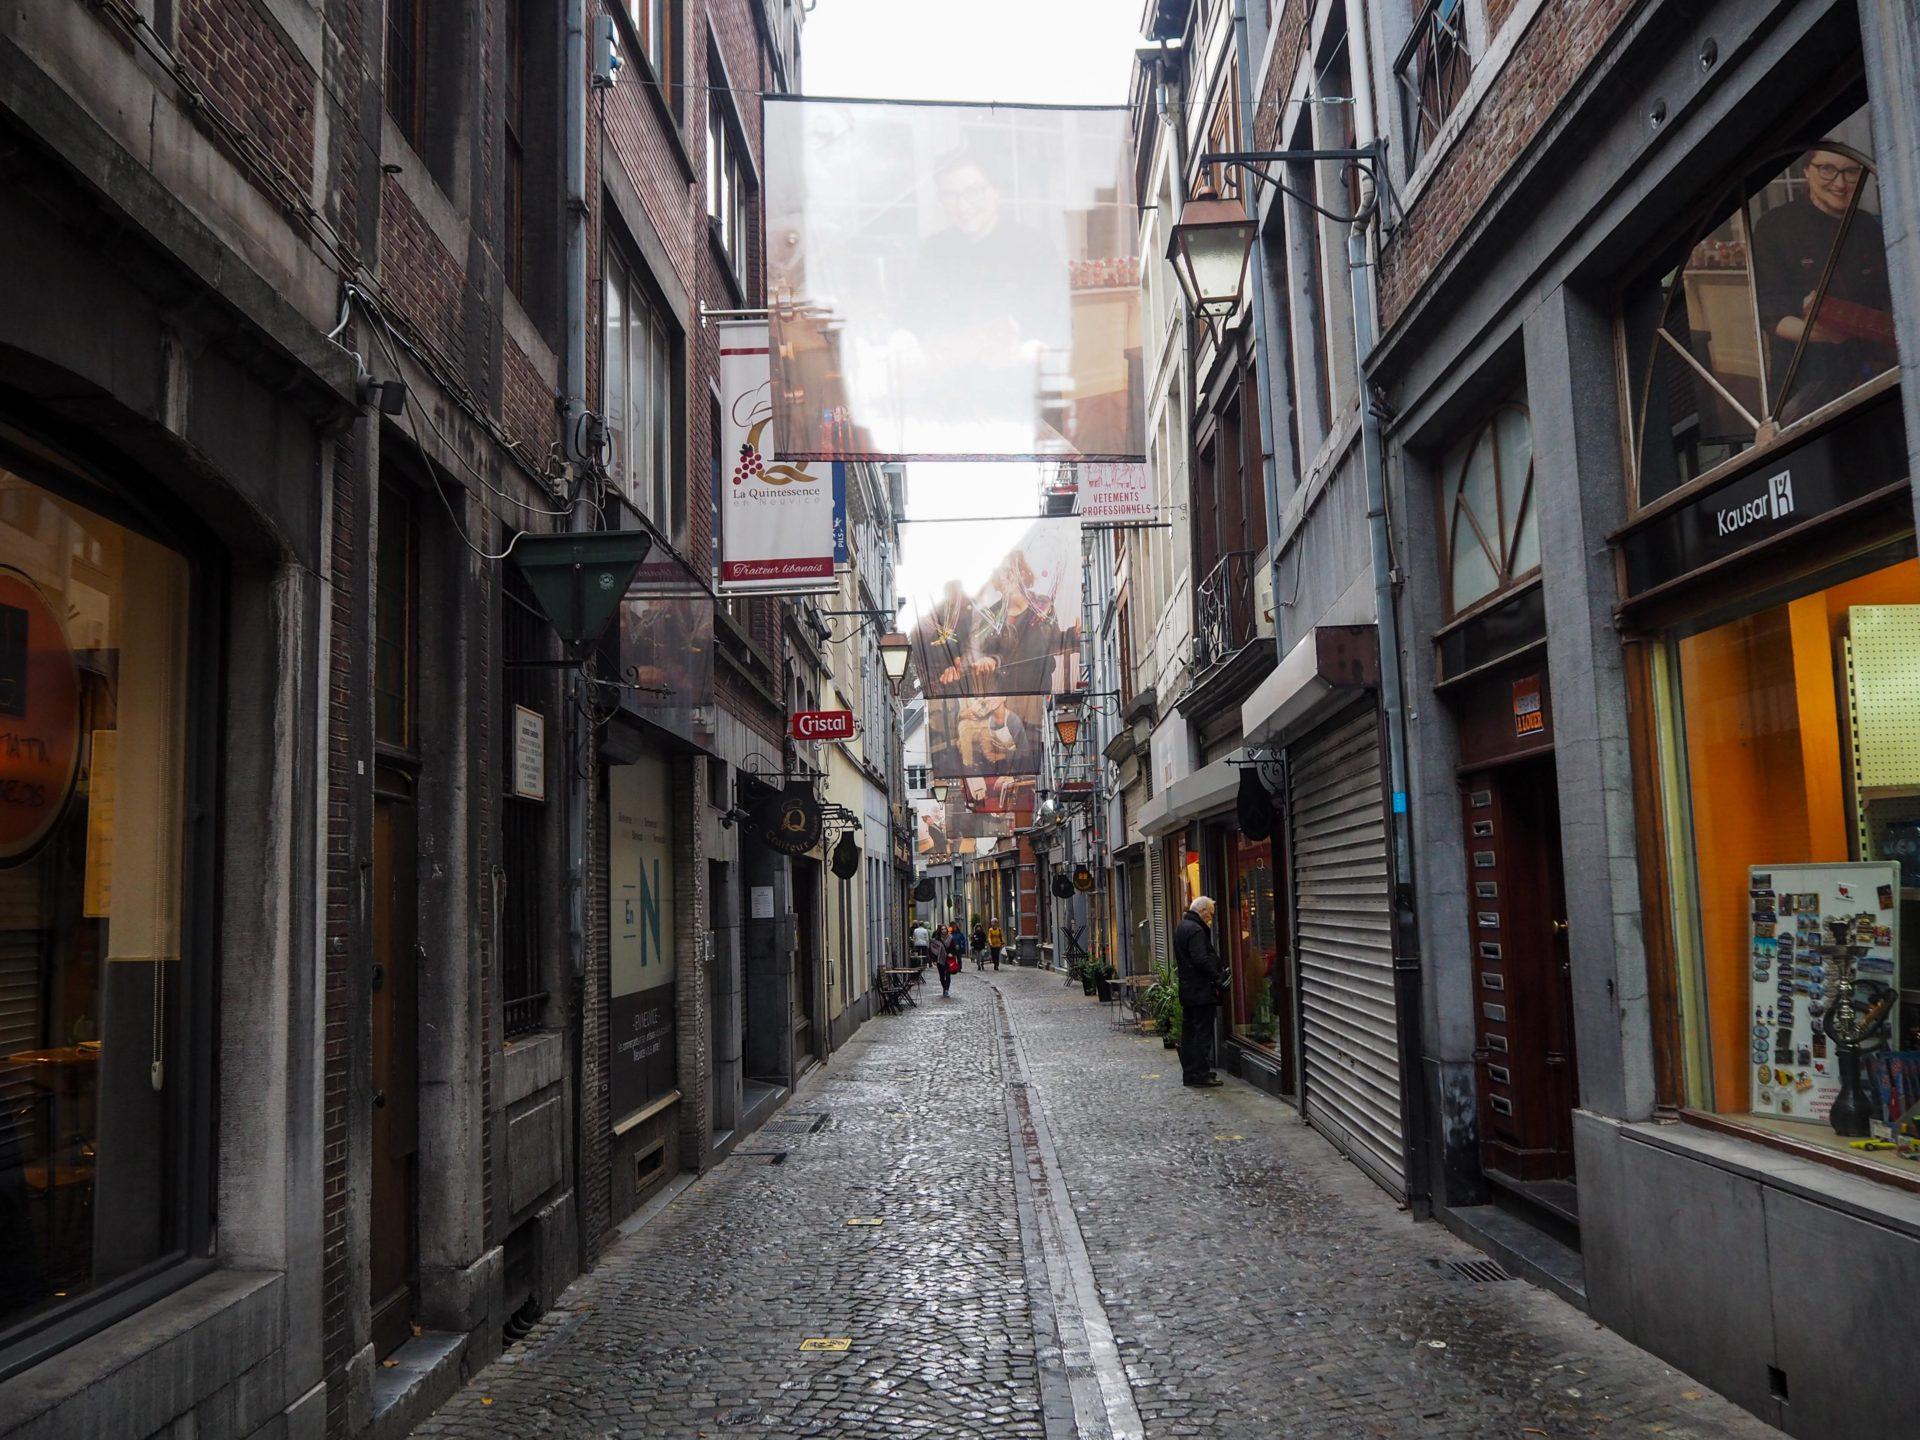 Rue En Neuvice à Liège - Visiter Liège en Belgique en mode slow - Que faire et que visiter à Liège? - Adresses slow et gourmandes à Liège - Informations pratiques pour visiter Liège et en tomber amoureuse en quelques instants!